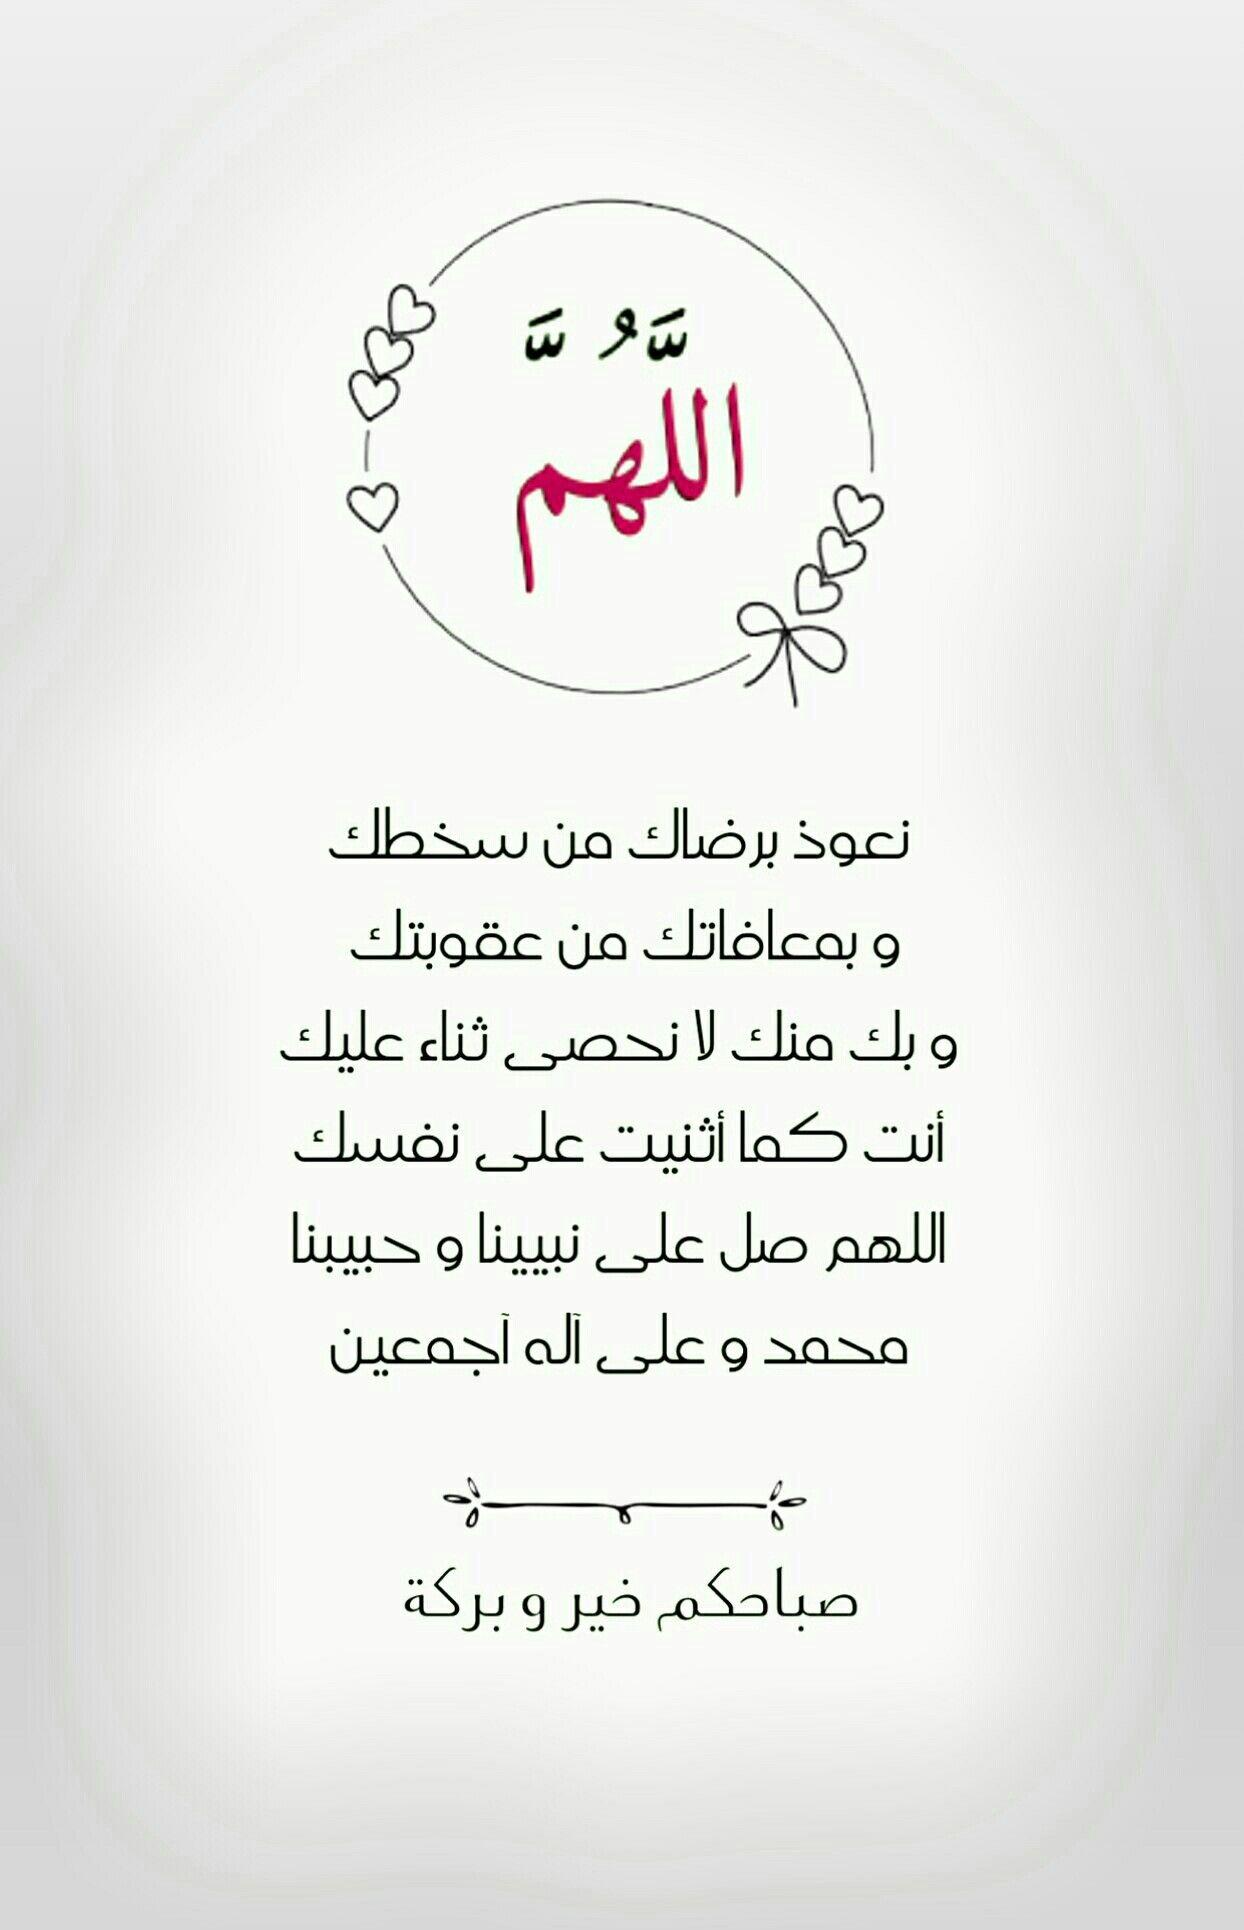 الل ه م نعوذ برضاك من سخطك و بمعافاتك من عقوبتك و بك منك لا نحصى ثناء عليك أنت كما أثنيت على نفسك اللهم صل عل Cool Words Islam Facts Morning Greeting